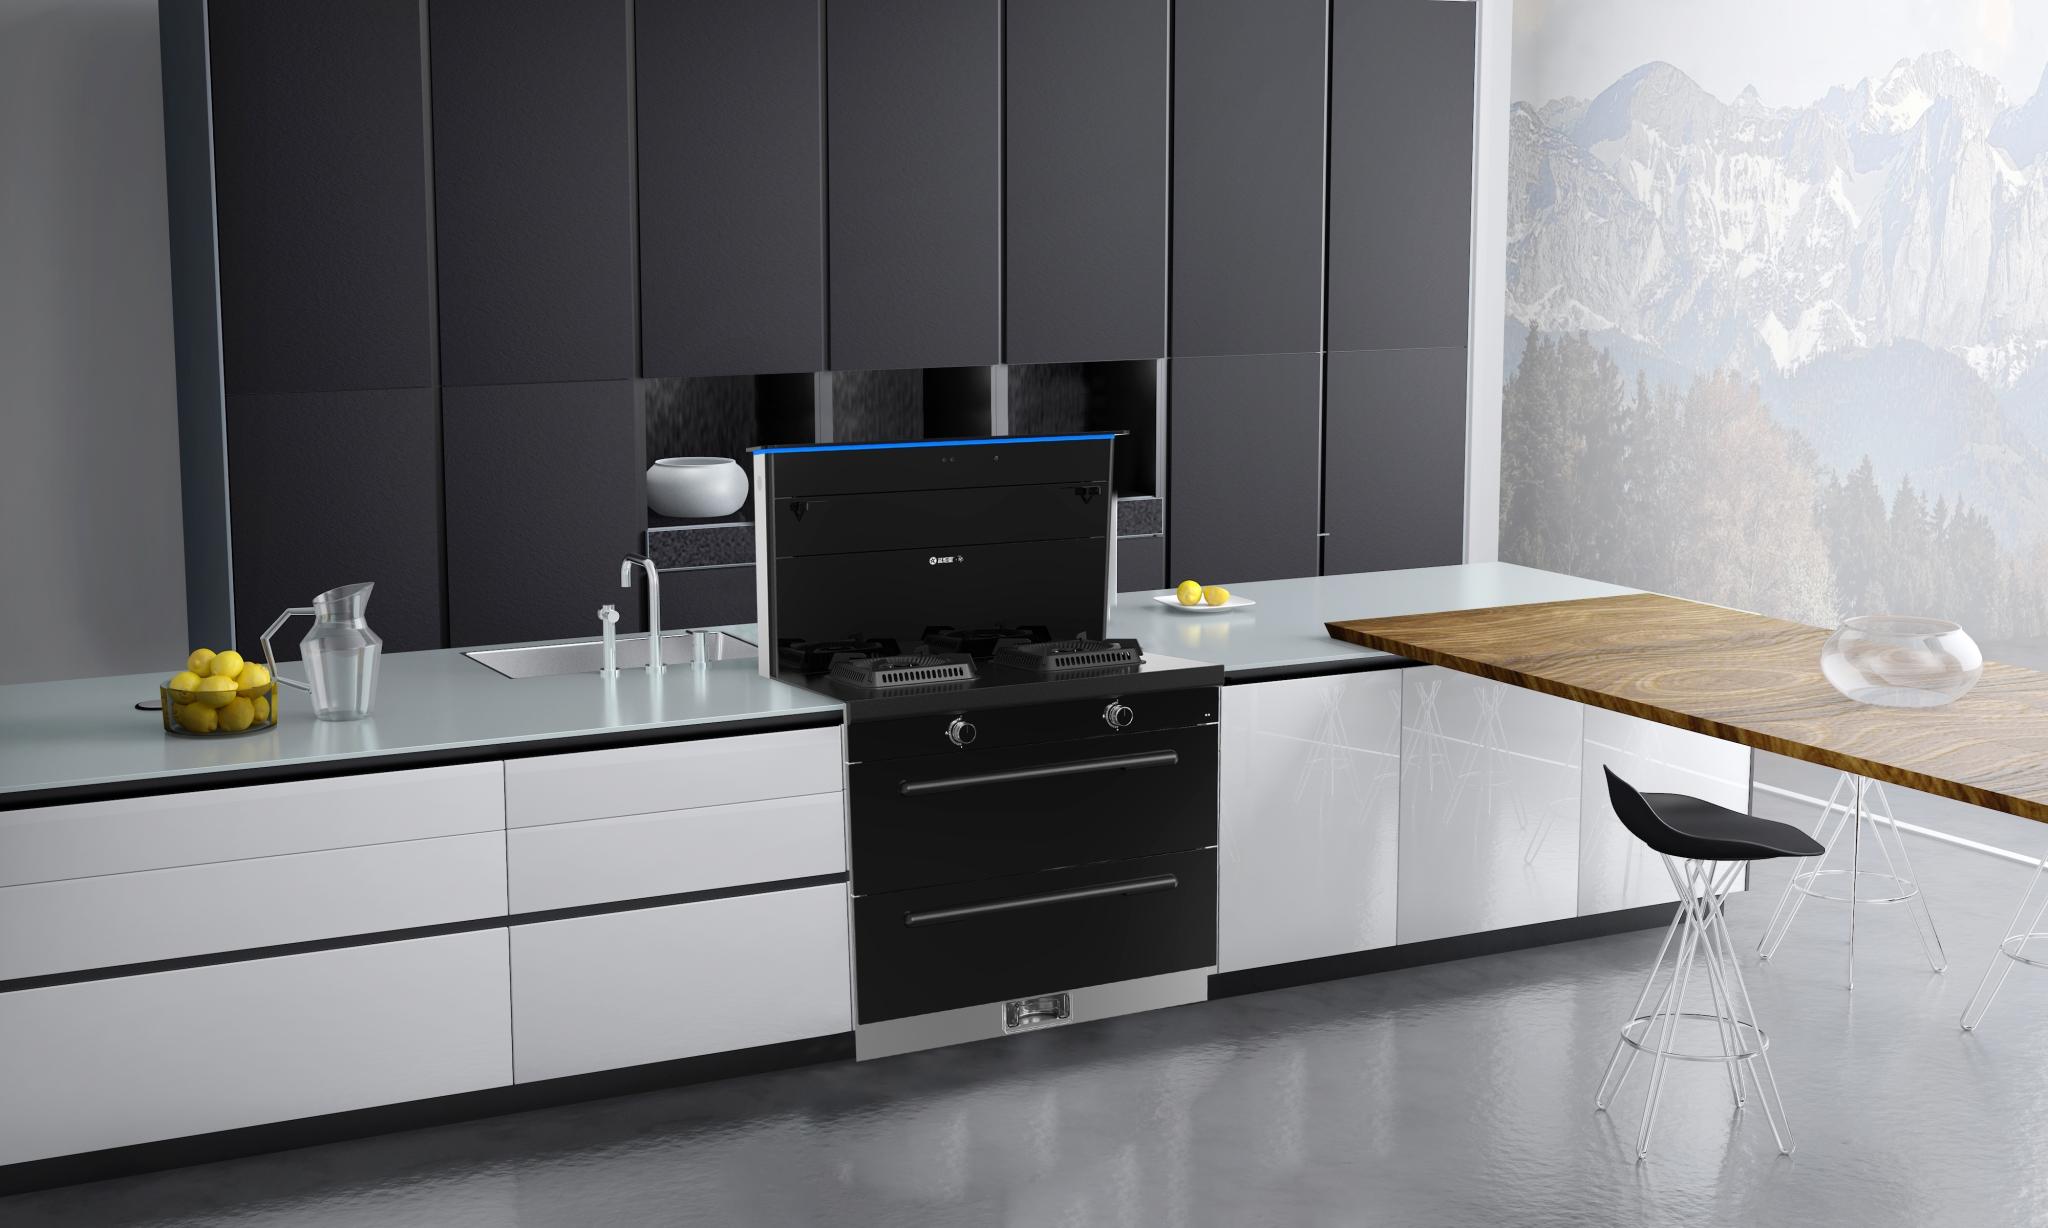 有它在,小厨房也可以从容做饭!——蓝炬星AIoT` R6智能集成灶